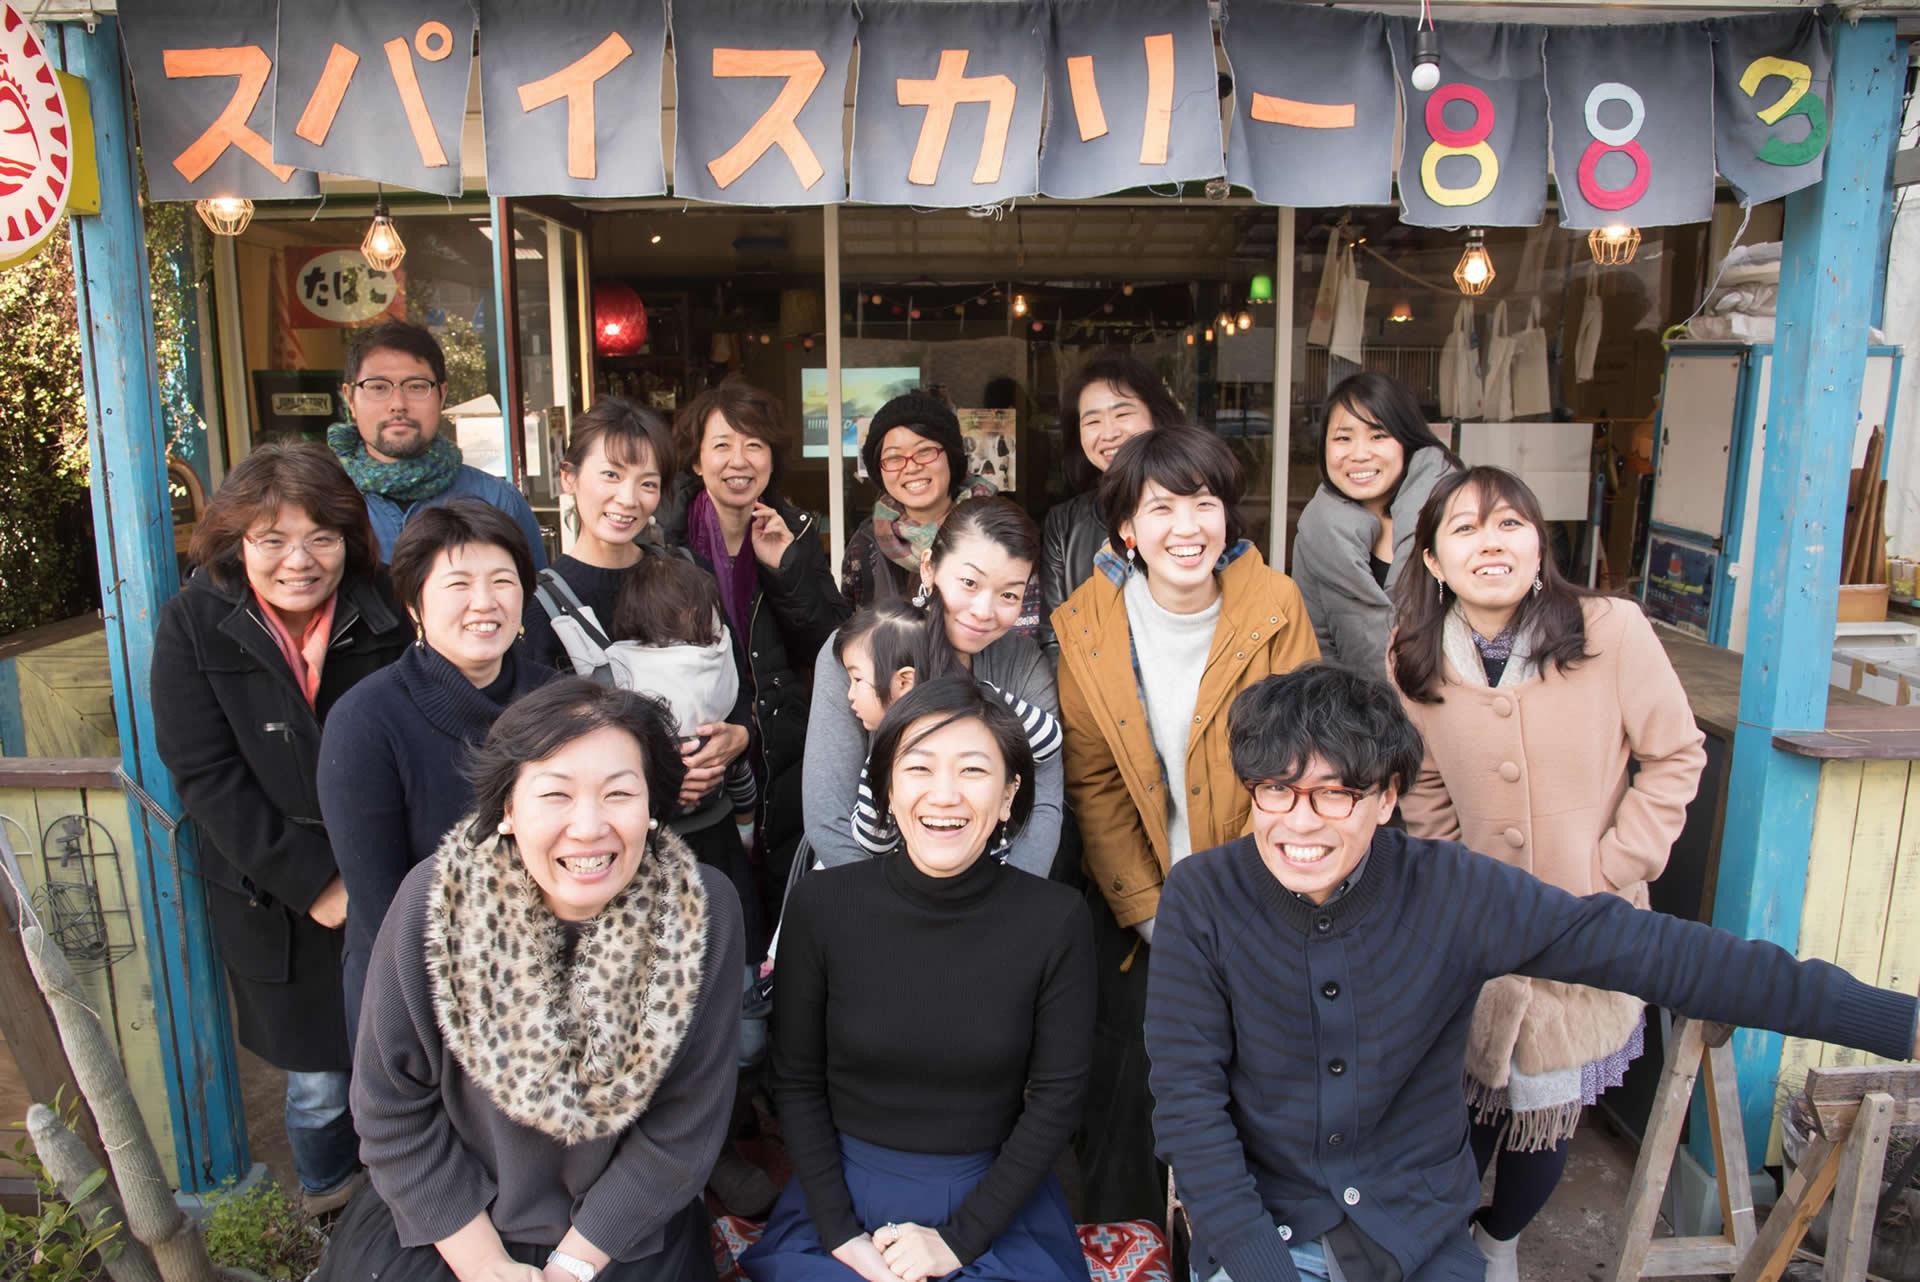 IIIIIIIIITOMO(いーーーとも)第3回目ゲスト のがみみち子(のがみみちこ)/WEBデザイナー・美顔率講師